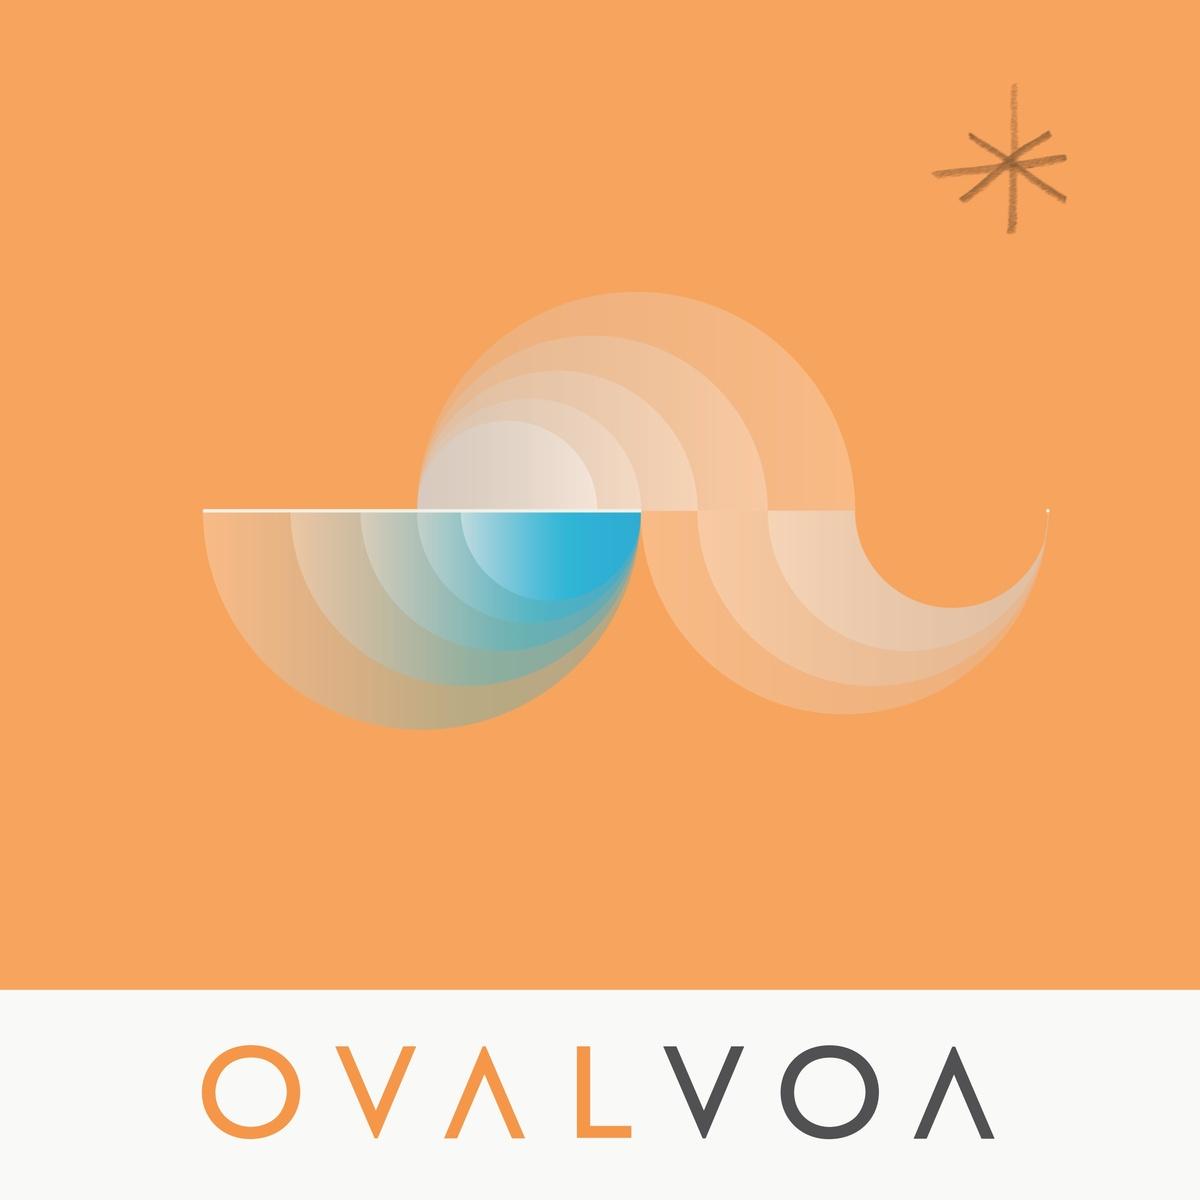 Oval - 'VOA'